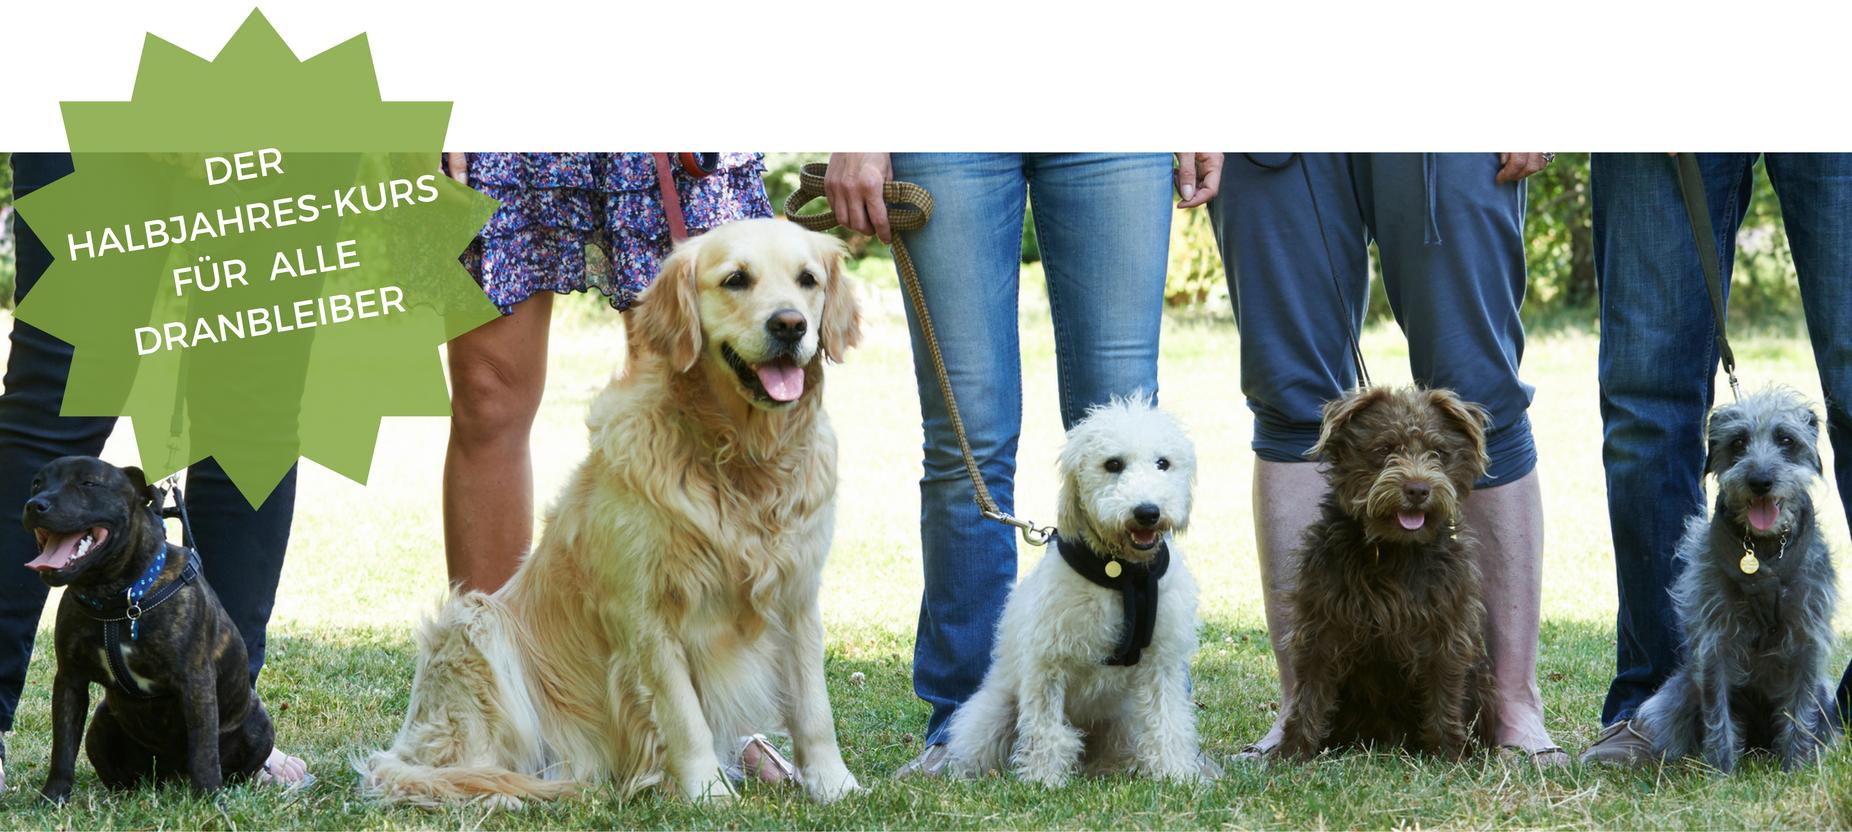 Hundeschule Kelsterbach Dranbleiber-Kurs